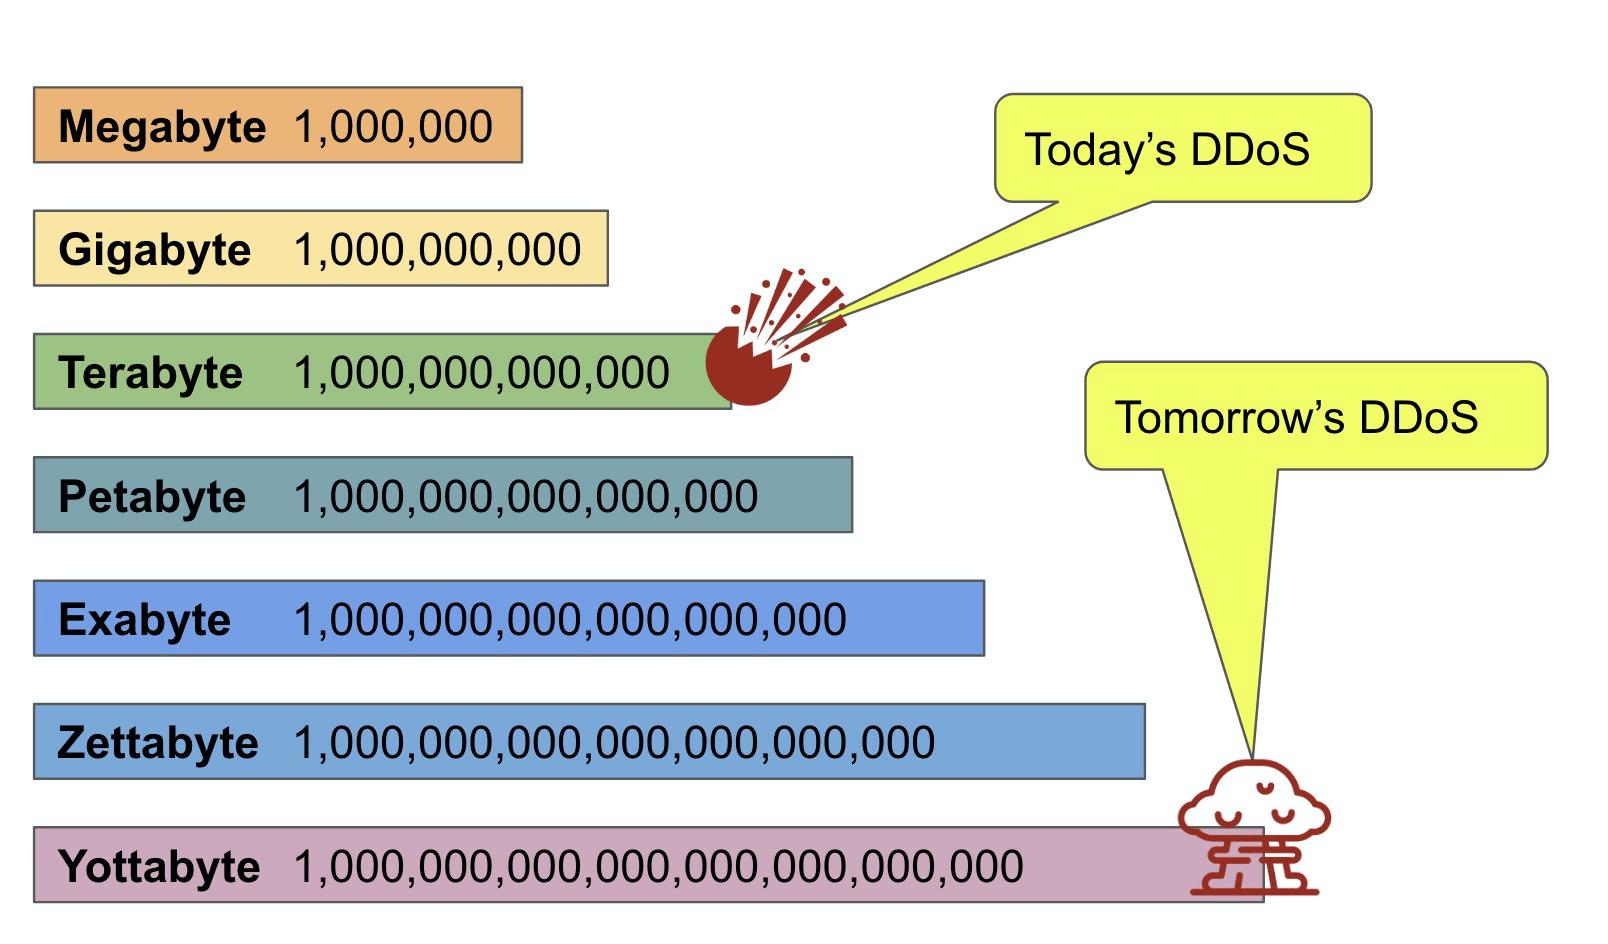 Yottabyte DDoS Attack